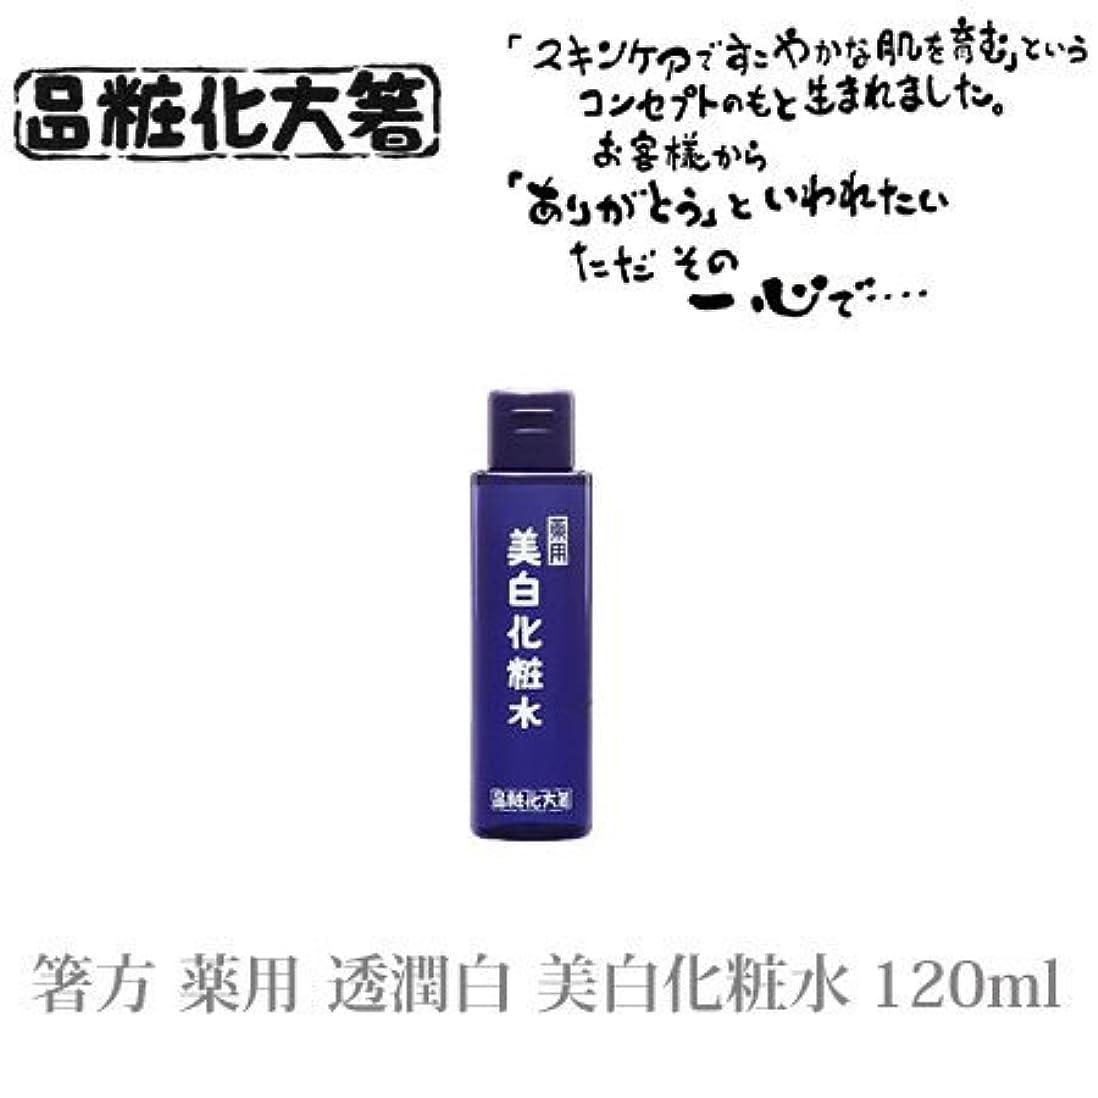 斧受け取る穏やかな箸方化粧品 薬用 透潤白 美白化粧水 120ml はしかた化粧品